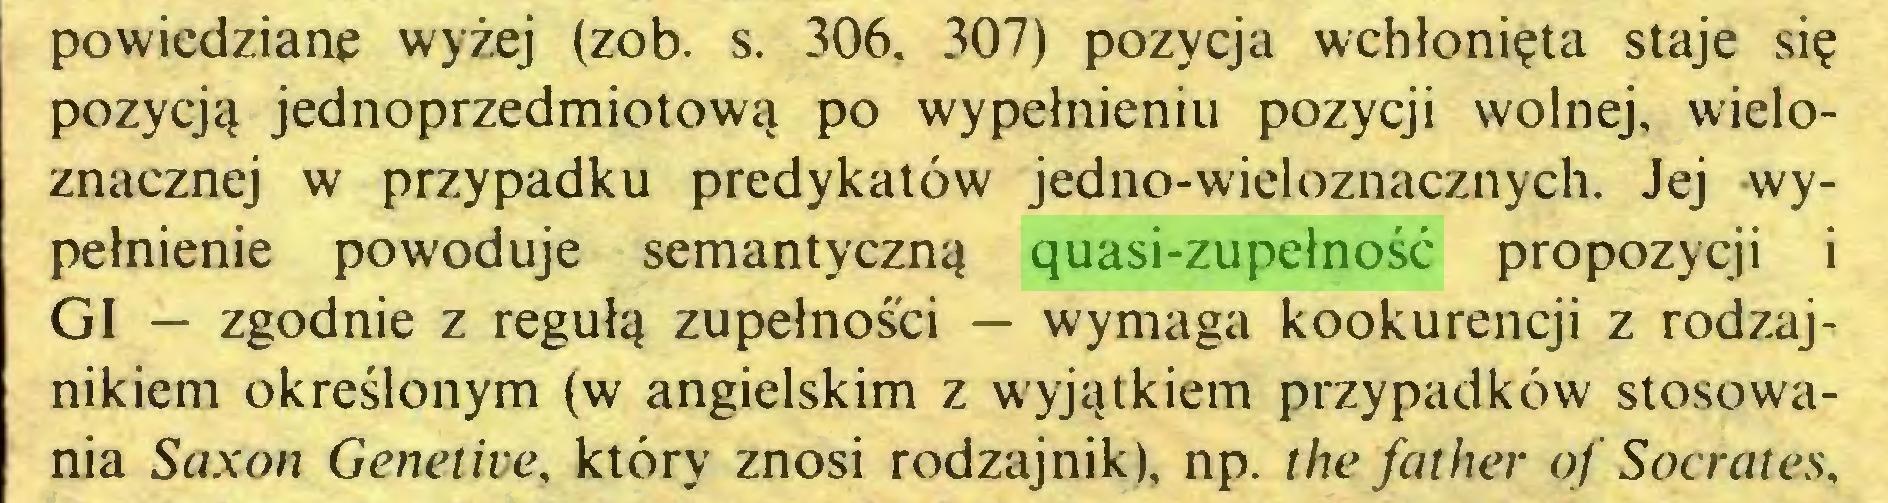 (...) powiedziane wyżej (zob. s. 306, 307) pozycja wchłonięta staje się pozycją jednoprzedmiotową po wypełnieniu pozycji wolnej, wieloznacznej w przypadku predykatów jedno-wieloznacznych. Jej -wypełnienie powoduje semantyczną quasi-zupełność propozycji i GI — zgodnie z regułą zupełności — wymaga kookurencji z rodzajnikiem określonym (w angielskim z wyjątkiem przypadków stosowania Saxon Genetive, który znosi rodzajnik), np. the father of Socrates,...